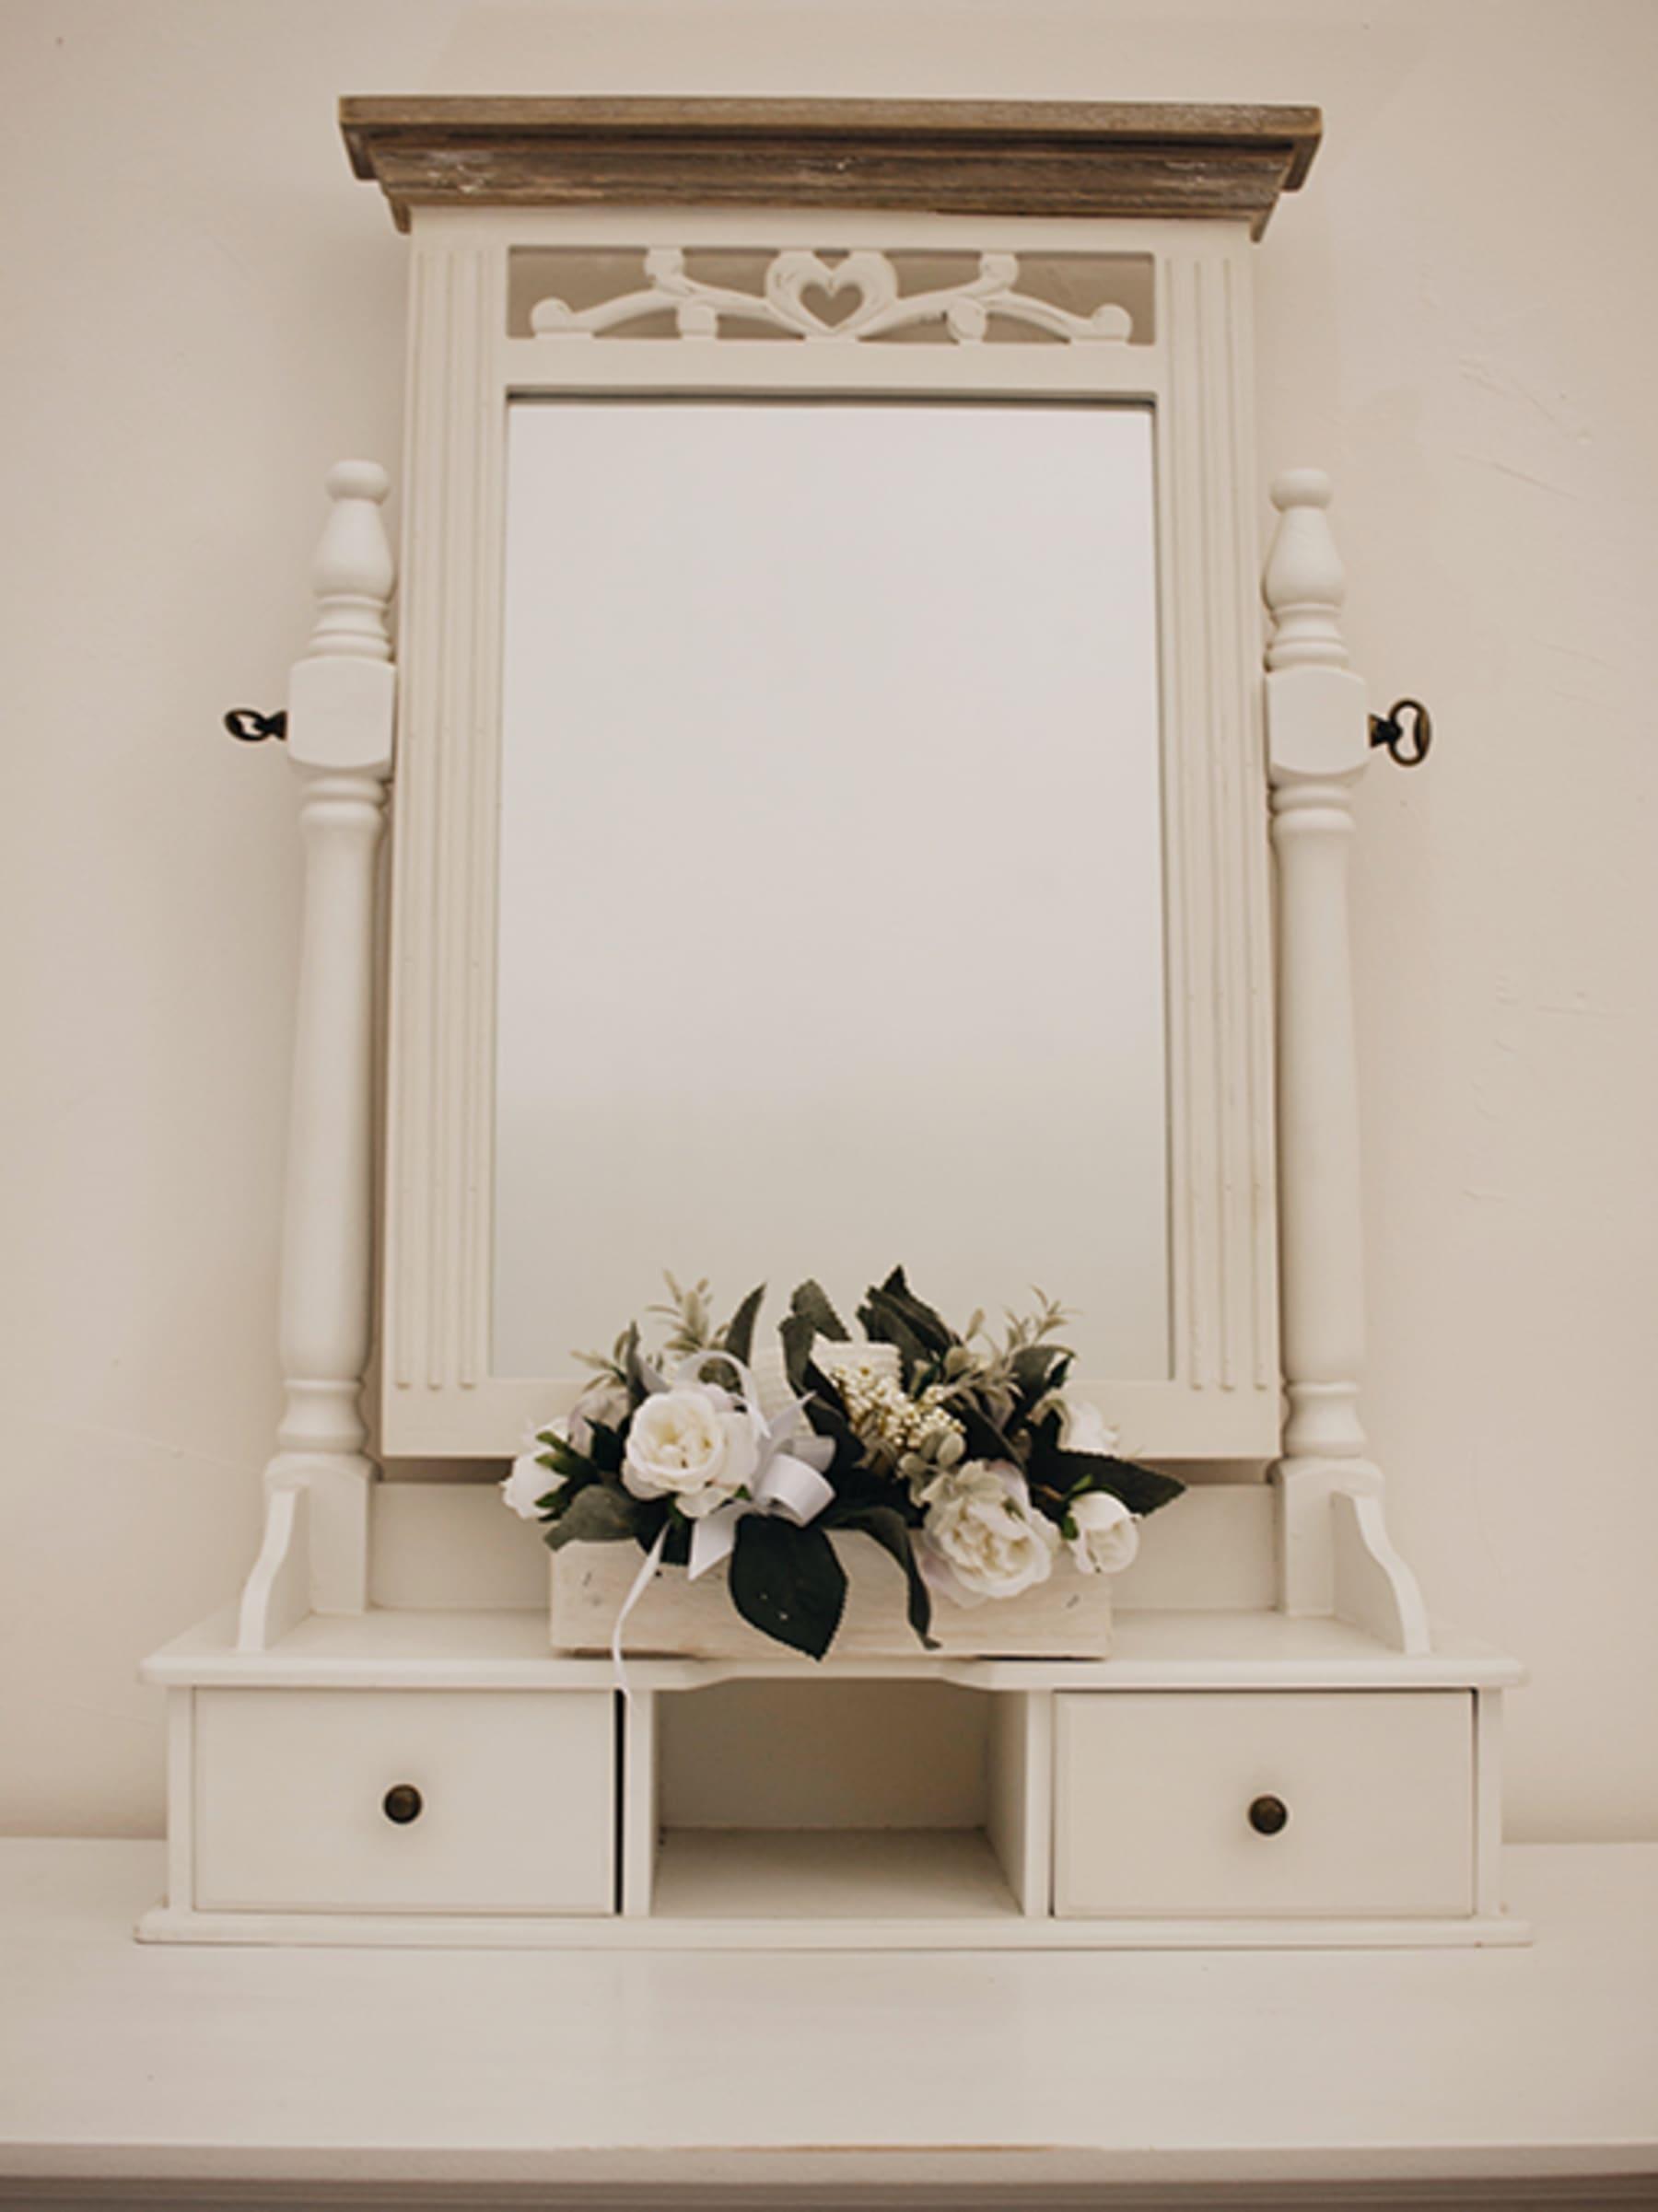 Lorenzongift specchio luna da tavolo olimpiahome - Specchio da tavolo ...